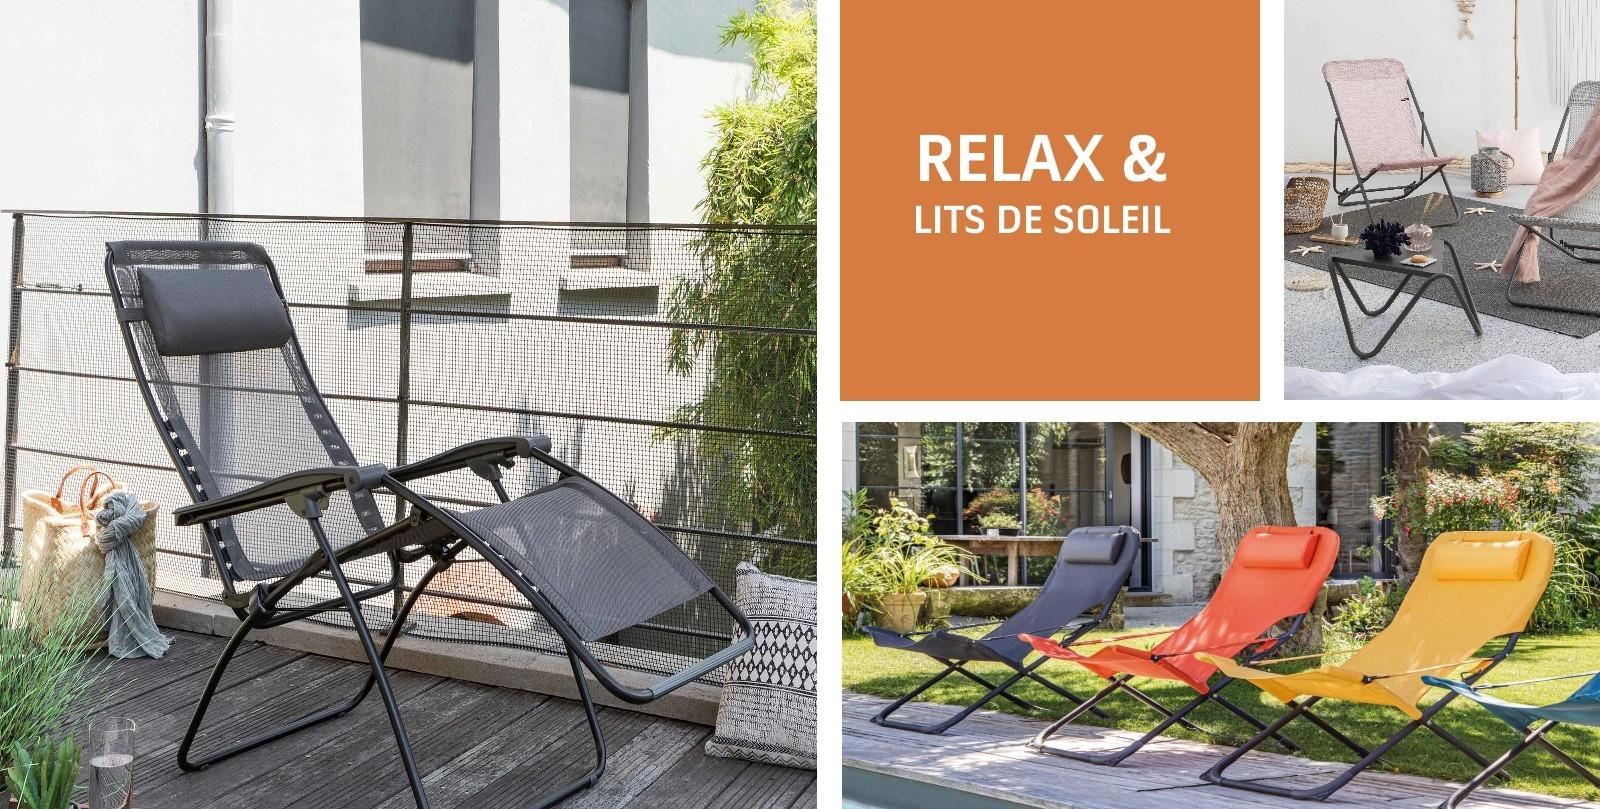 RELAX & LITS DE SOLEIL